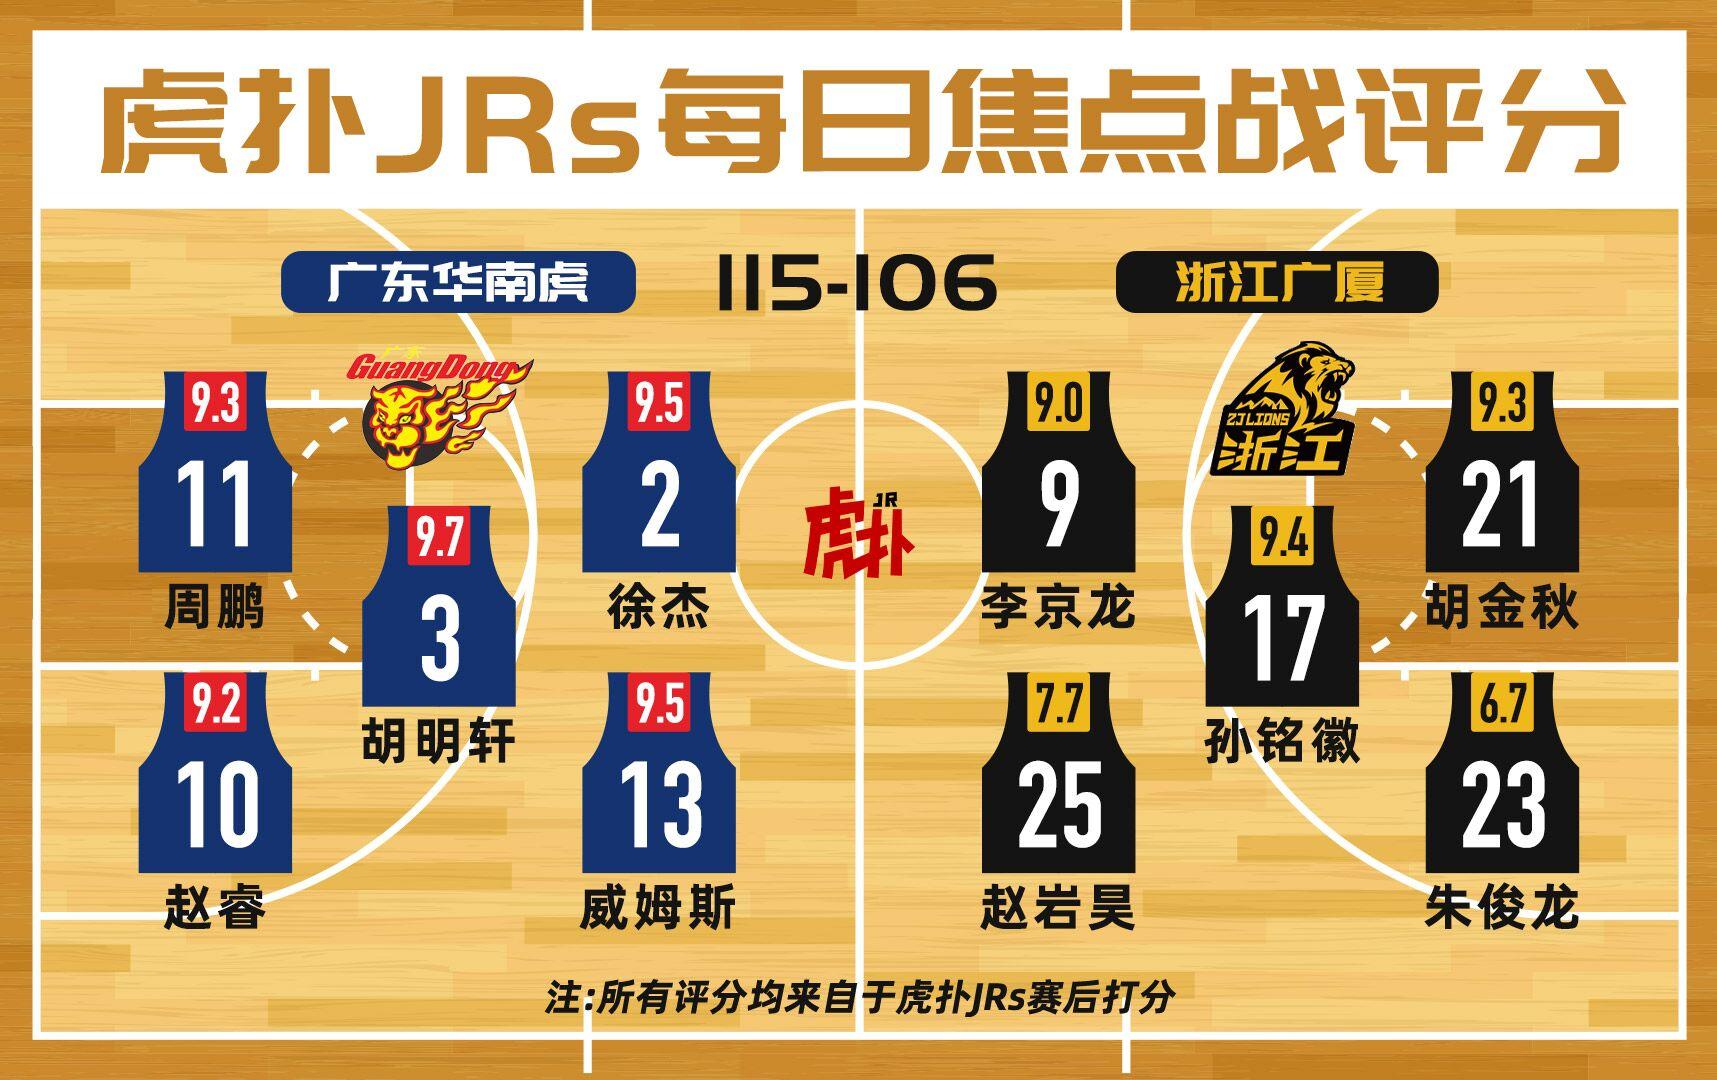 JRs焦点战评分:广东胡明轩9.7分,广厦朱俊龙6.7分